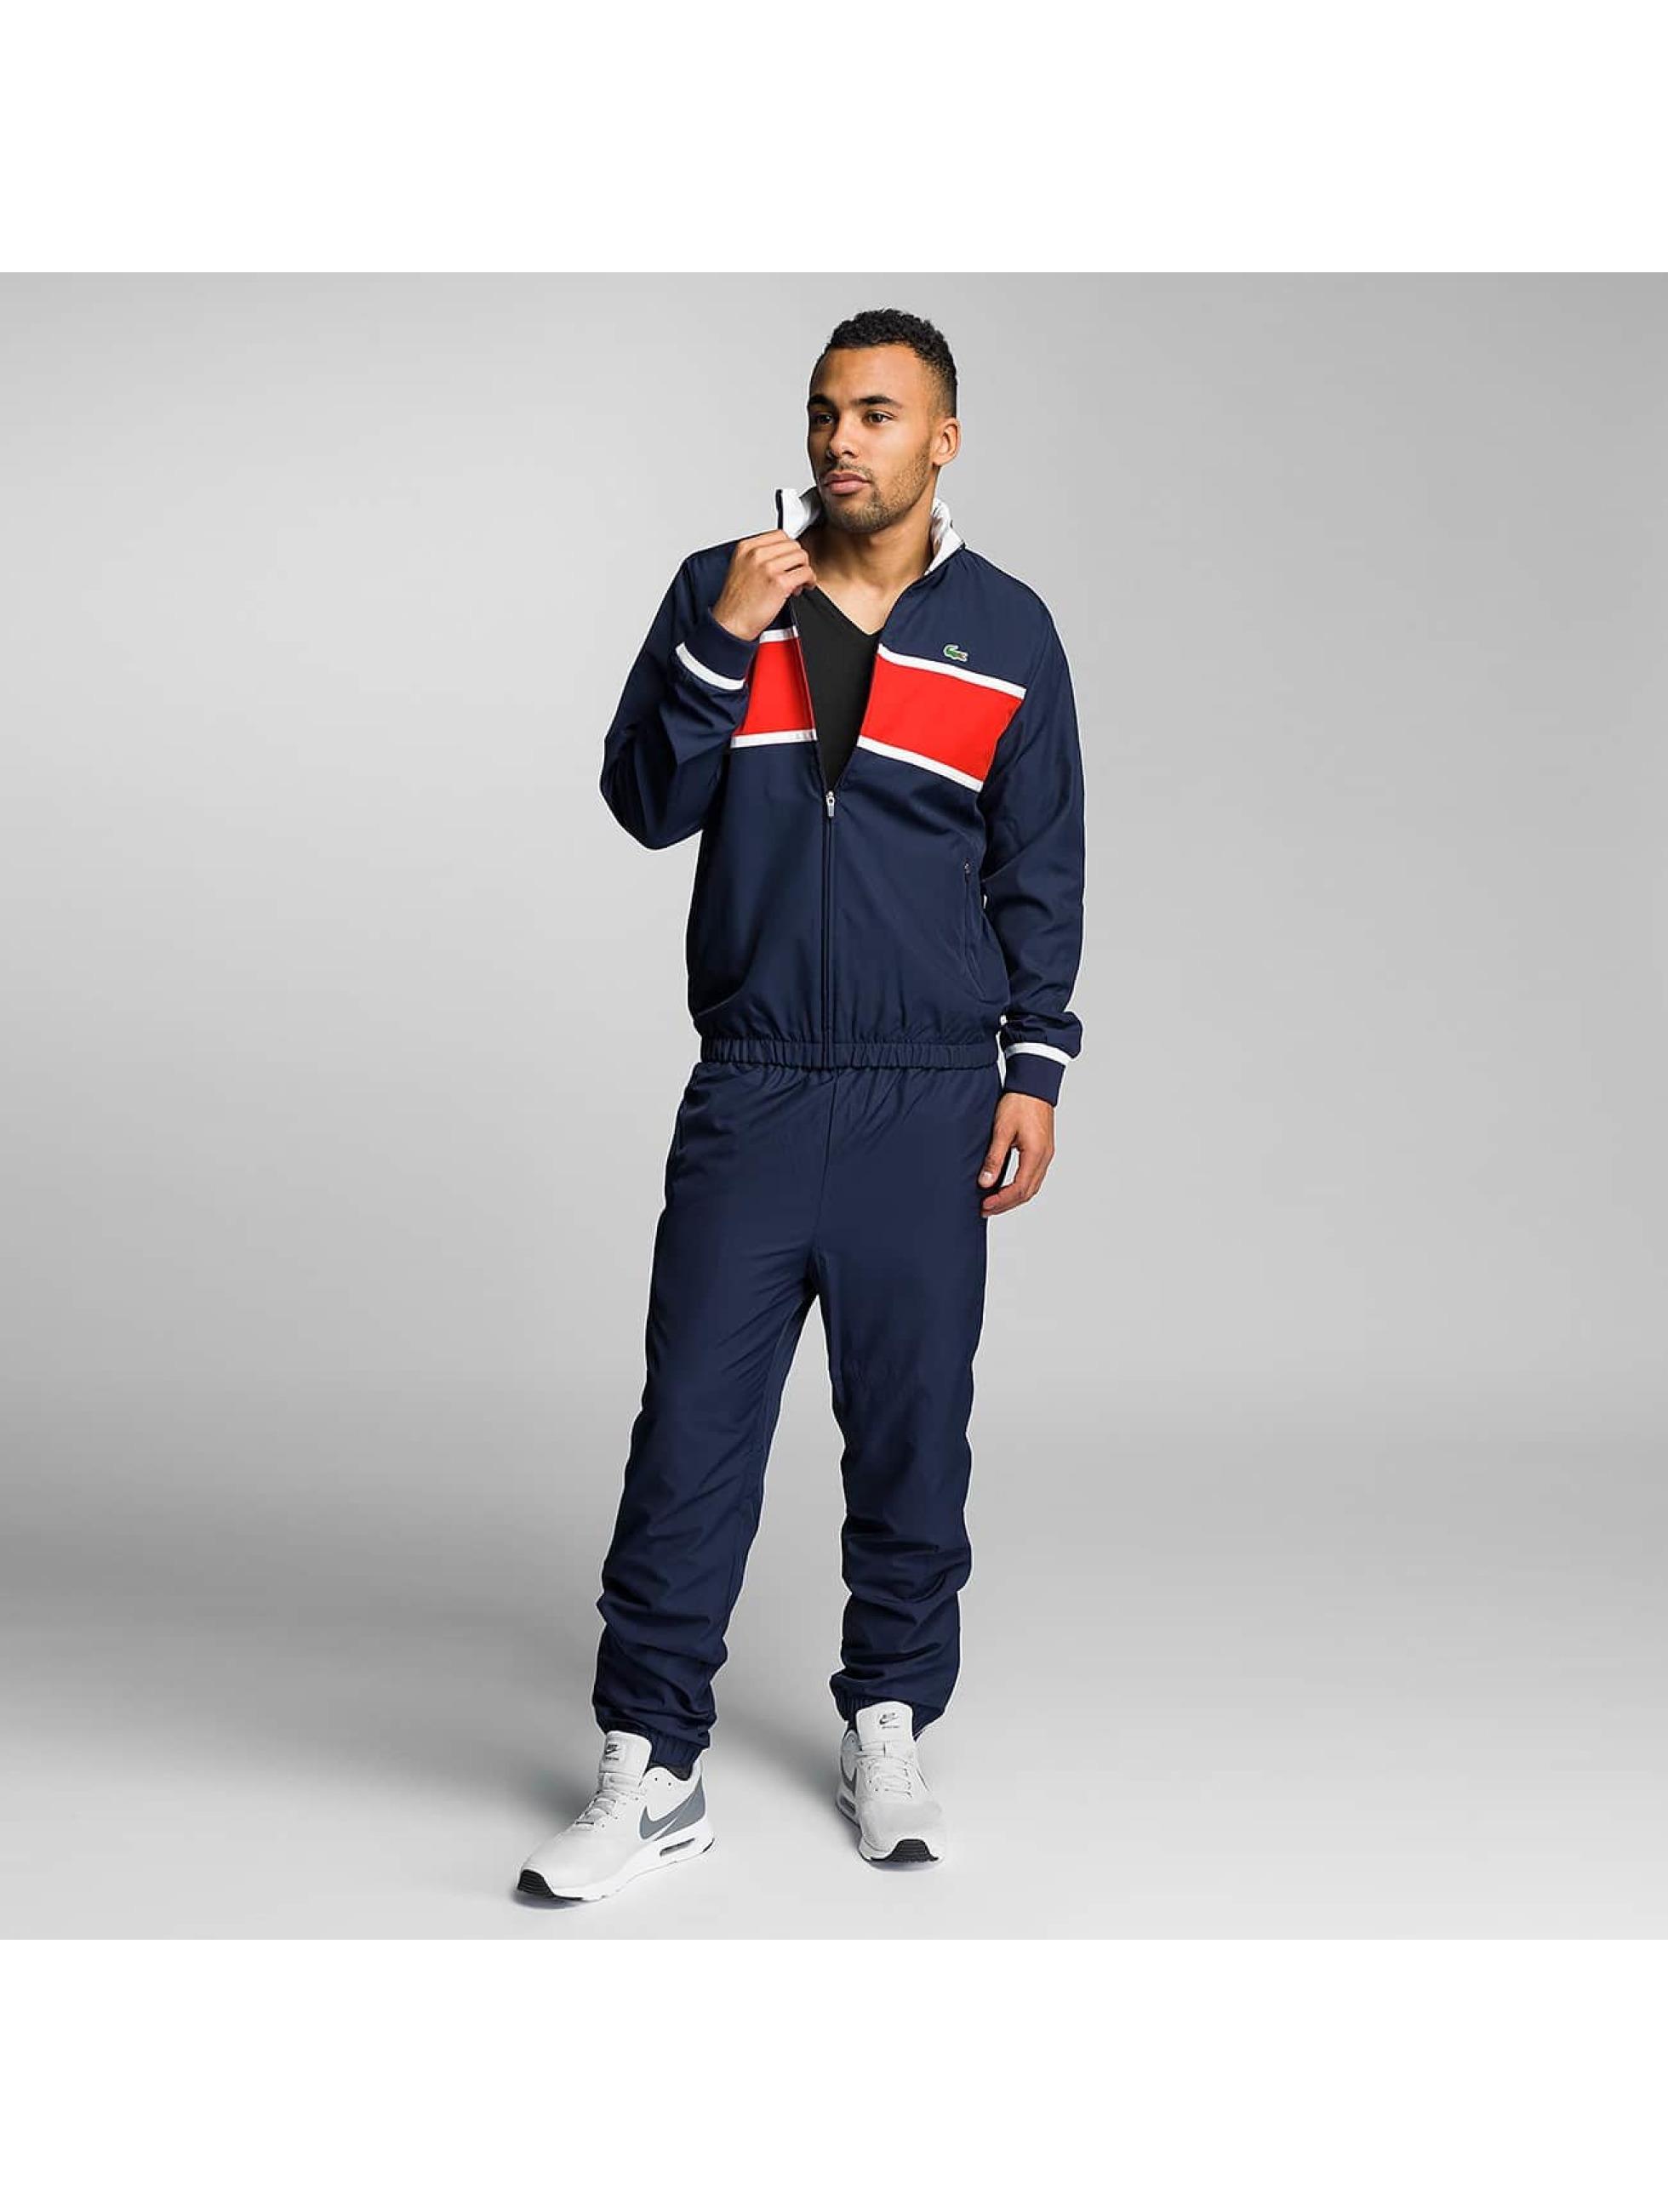 Lacoste Classic heren trainingspak Jogging Suit - blauw